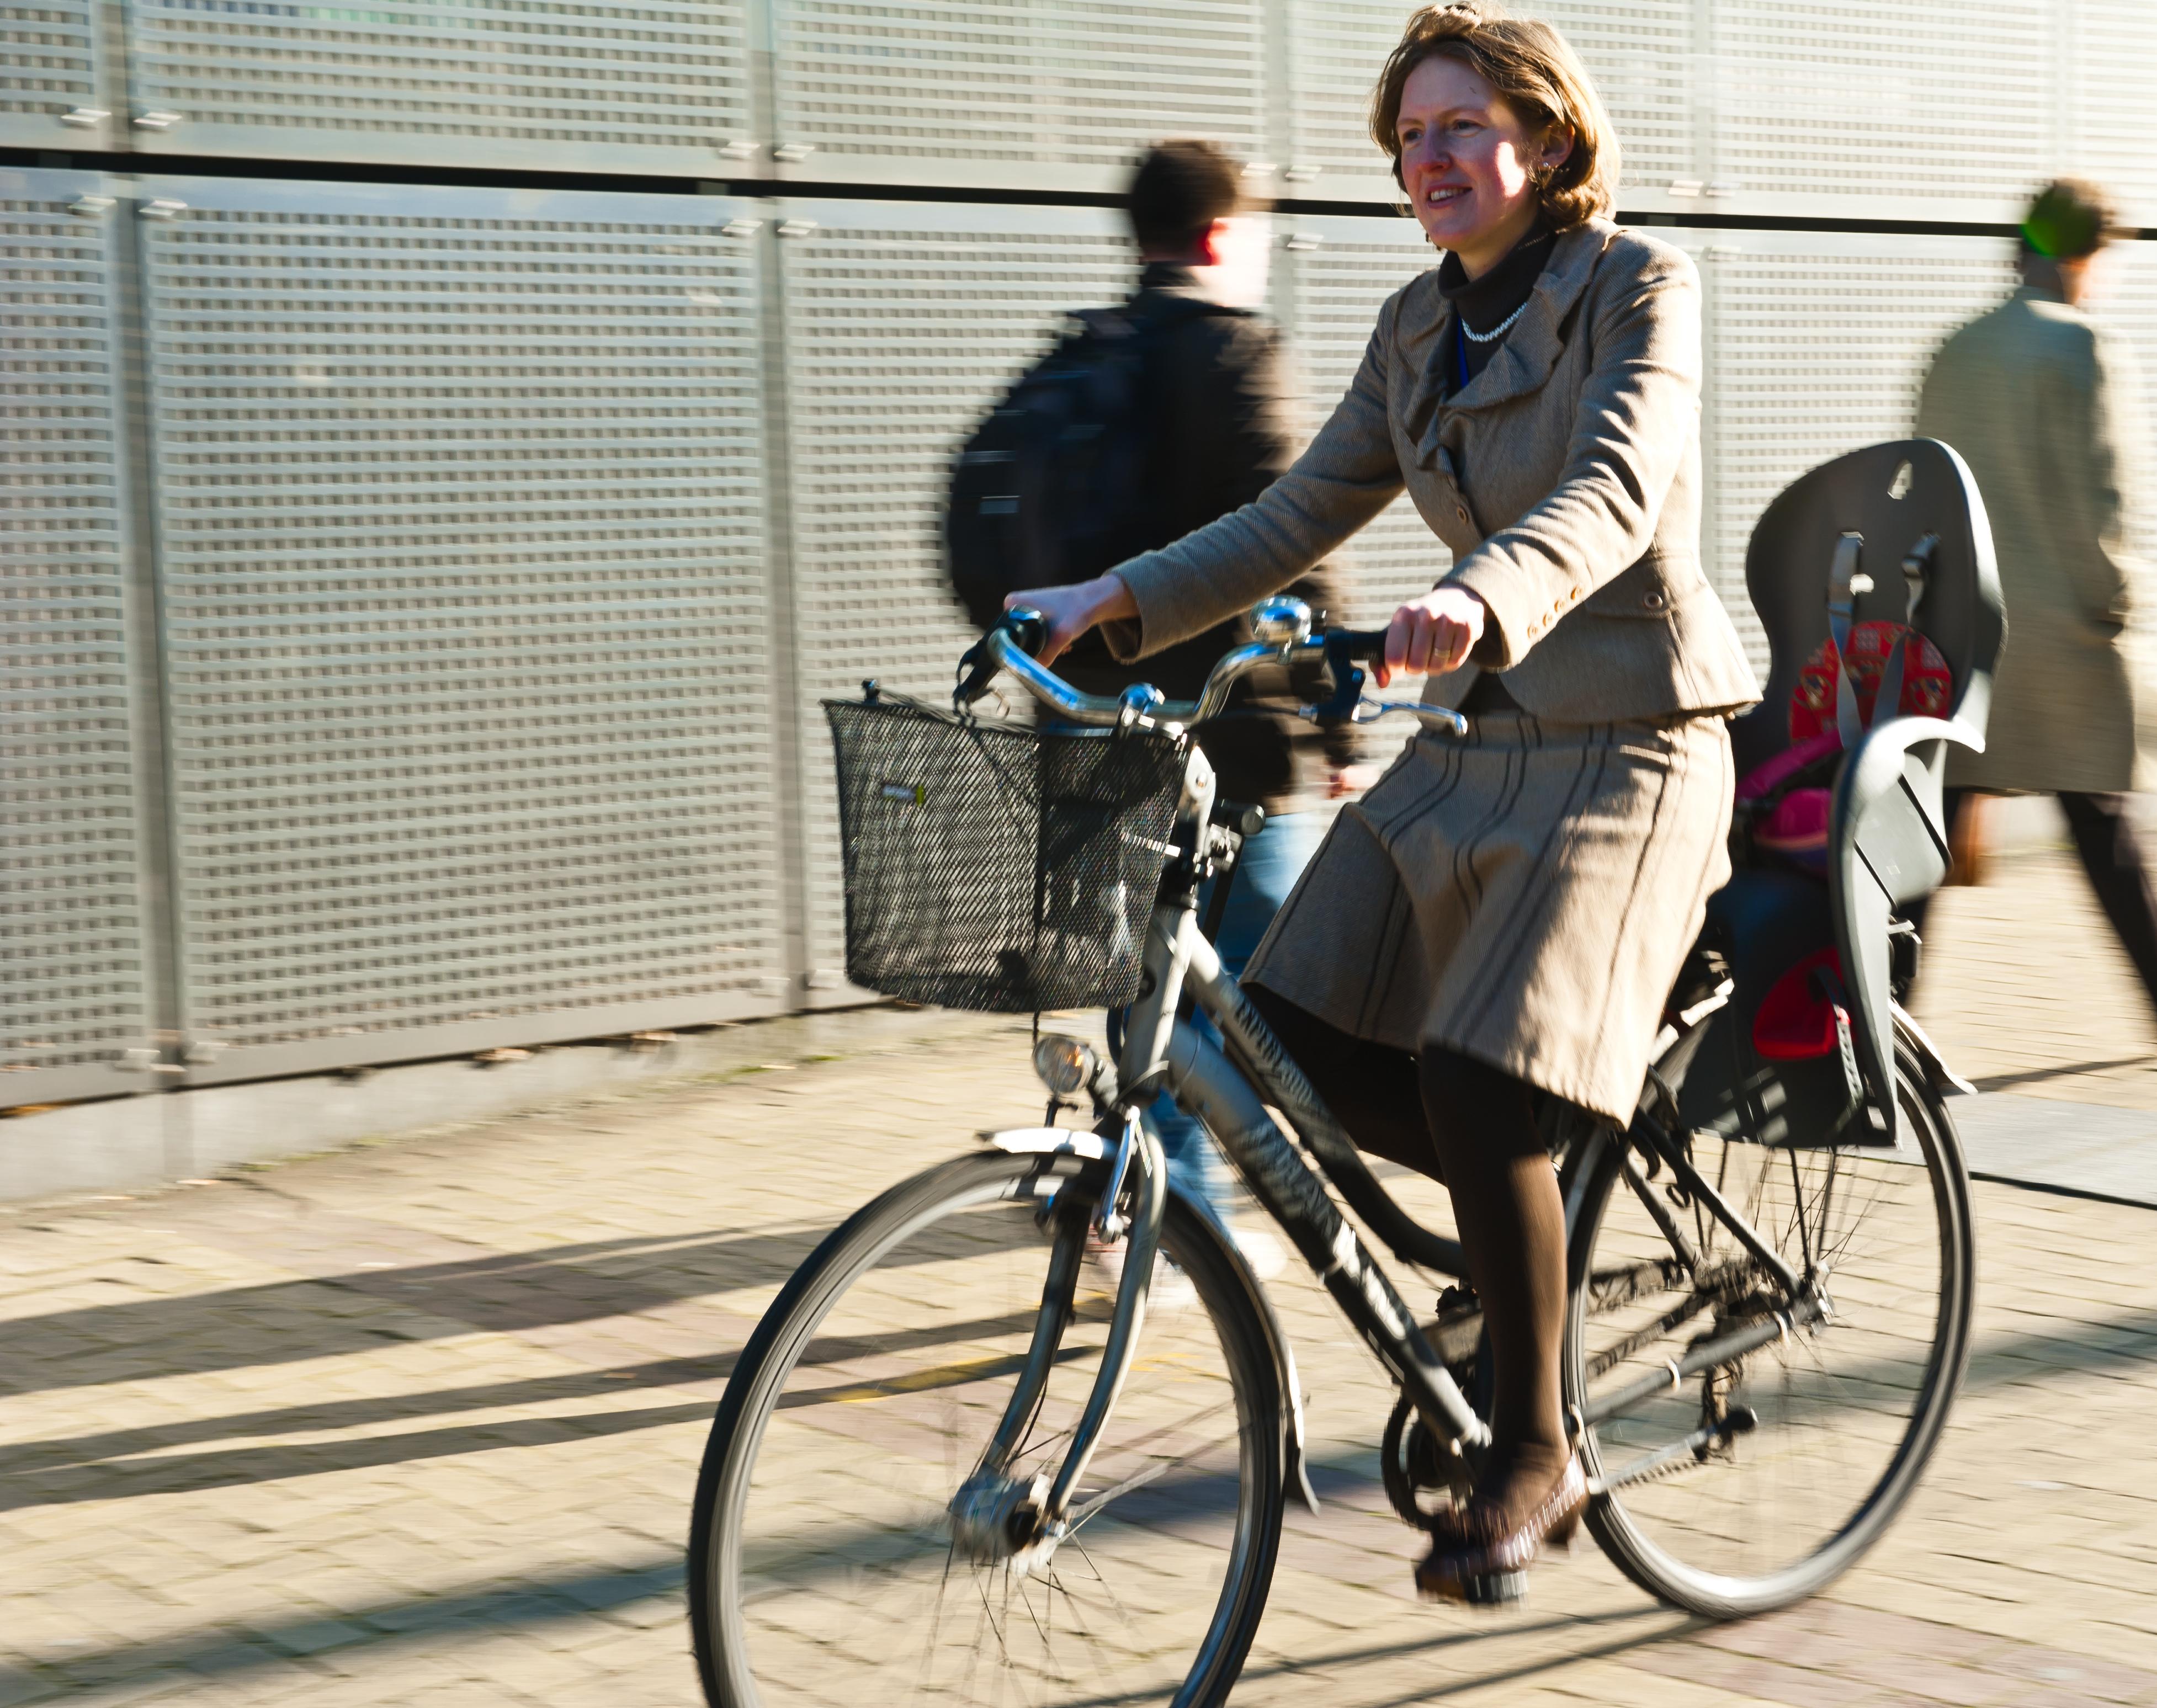 Werkneemster op de fiets